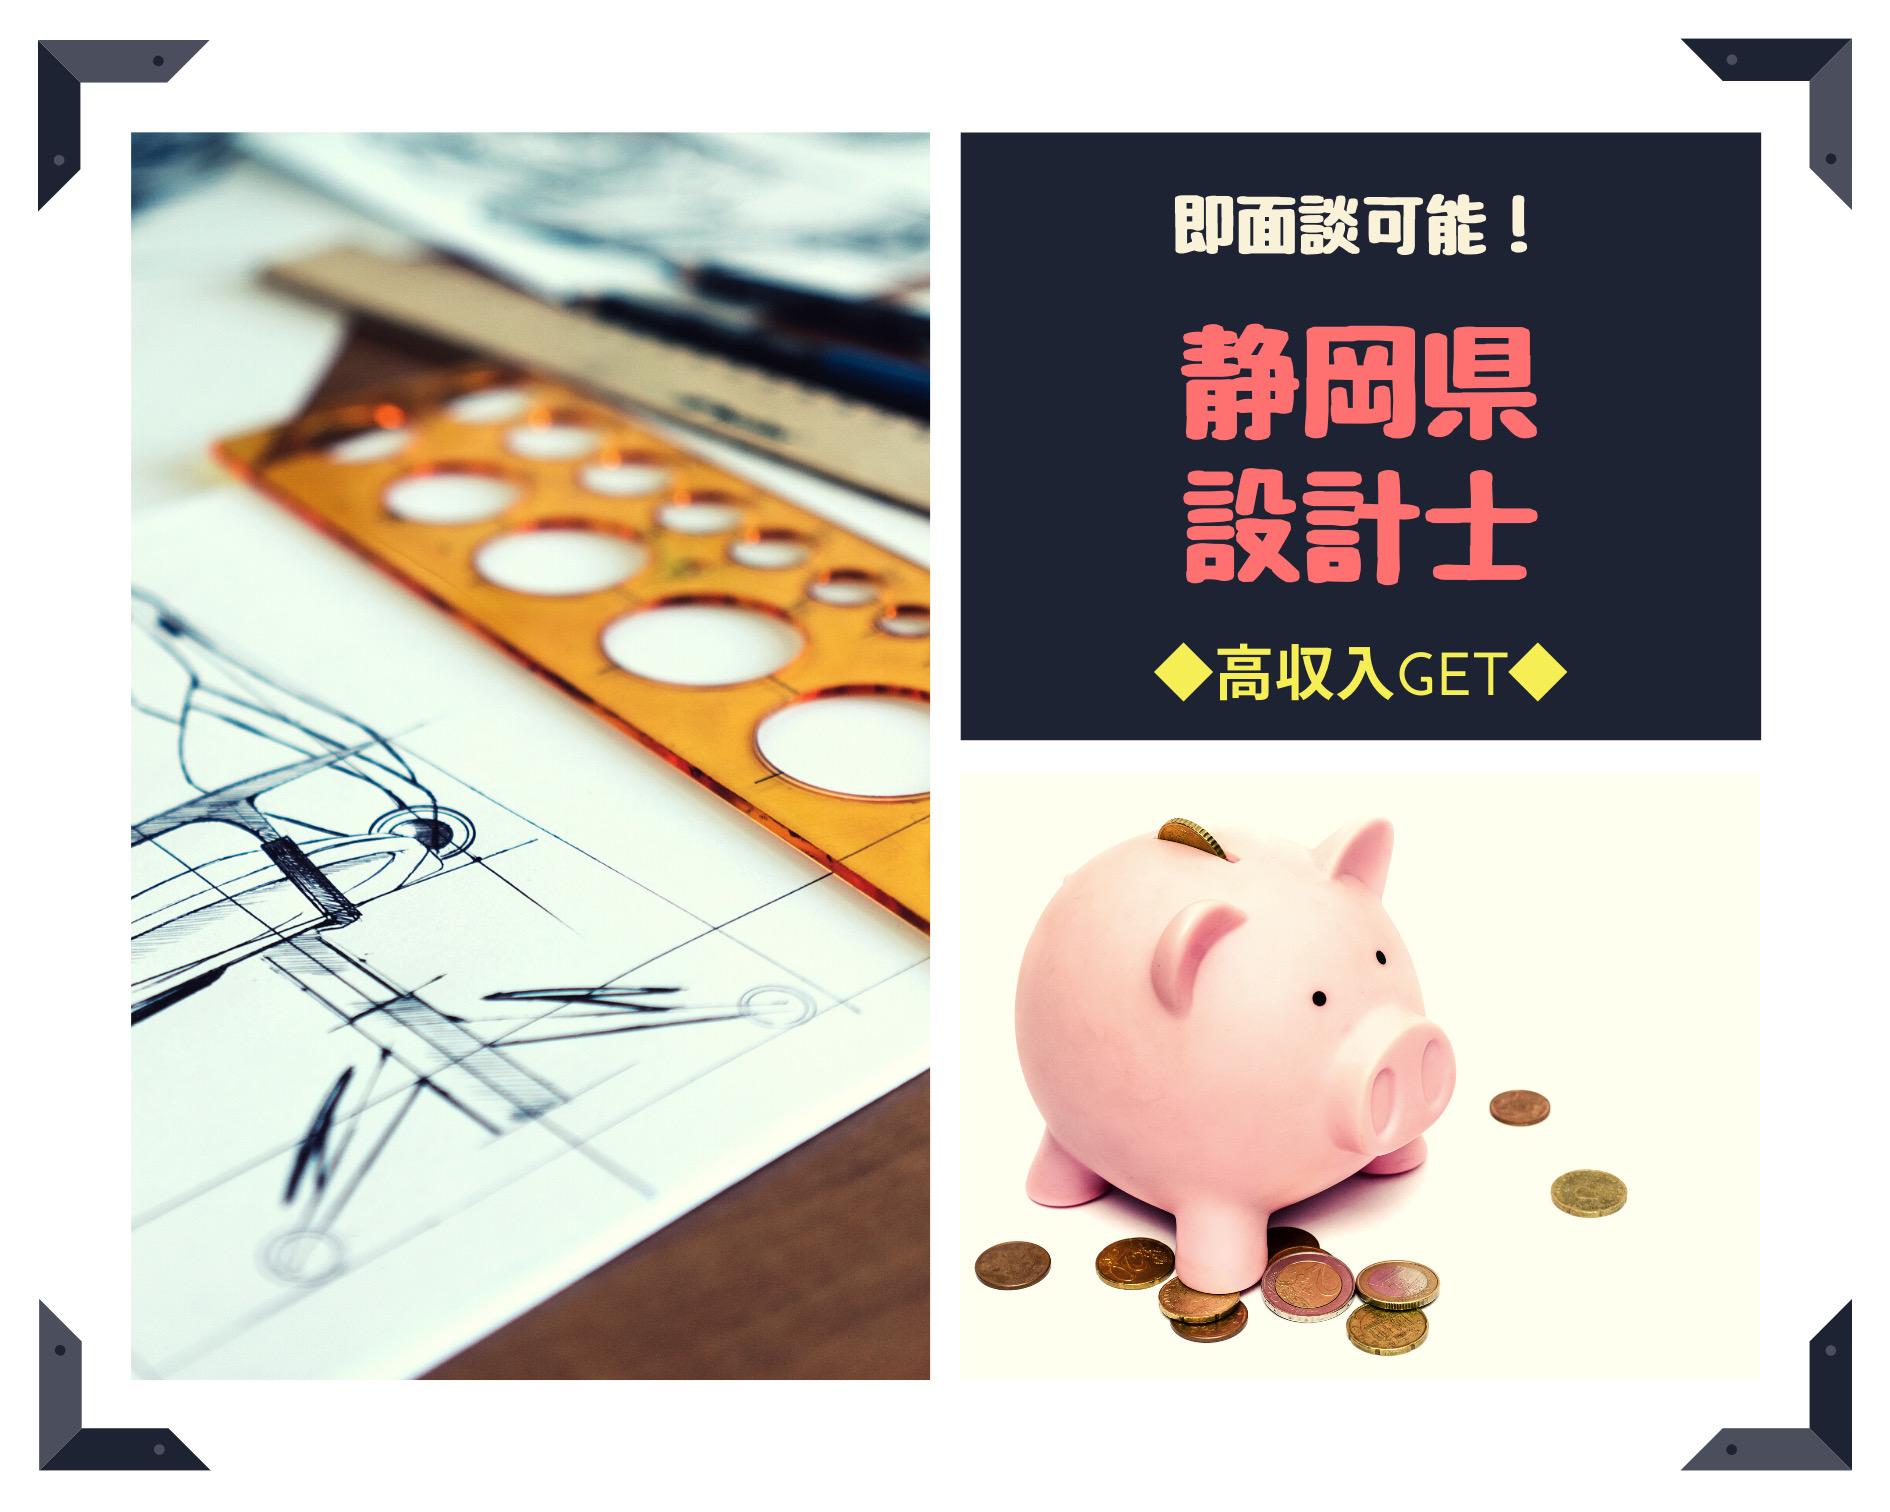 ◆即面談可能◆静岡県で設計士(経験者)急募!年間休日125日でプライベートも充実♪月給80万円以上可能☆各種手当充実してます!リフレッシュ休暇あり!! イメージ